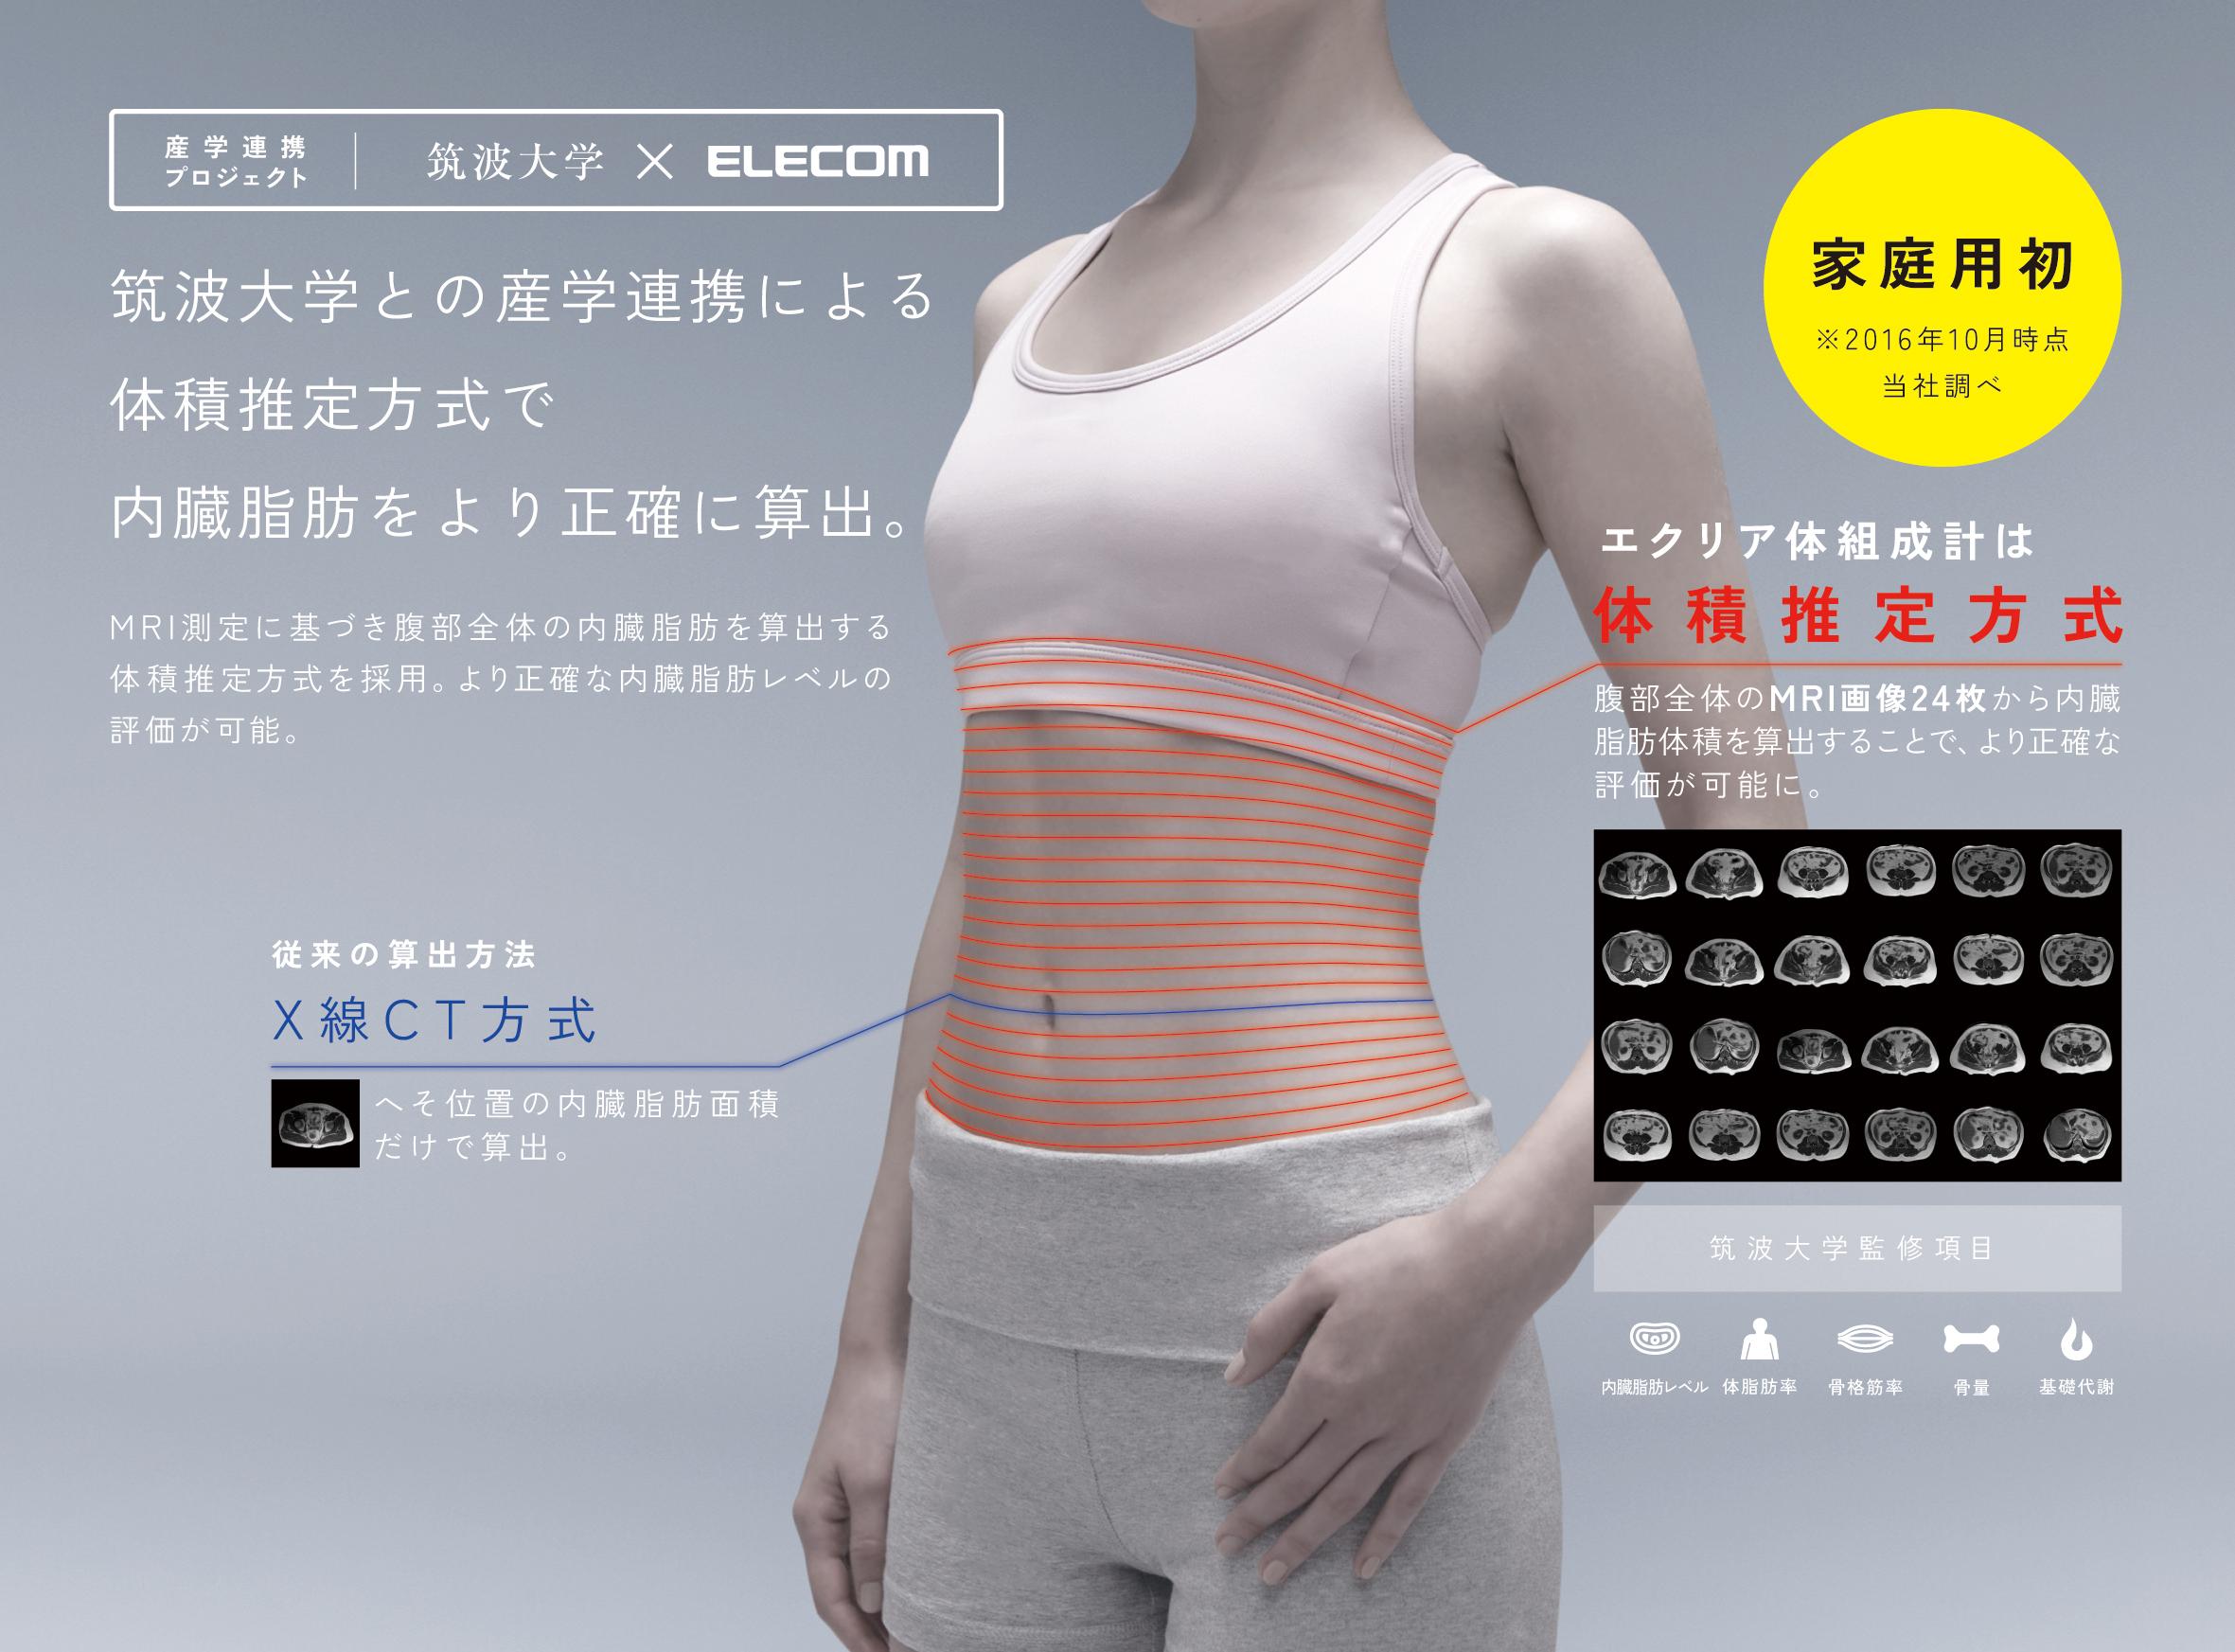 産学連携プロジェクト 筑波大学×ELECOM 筑波大学との産学連携による体積推定方式で内臓脂肪をより正確に算出・